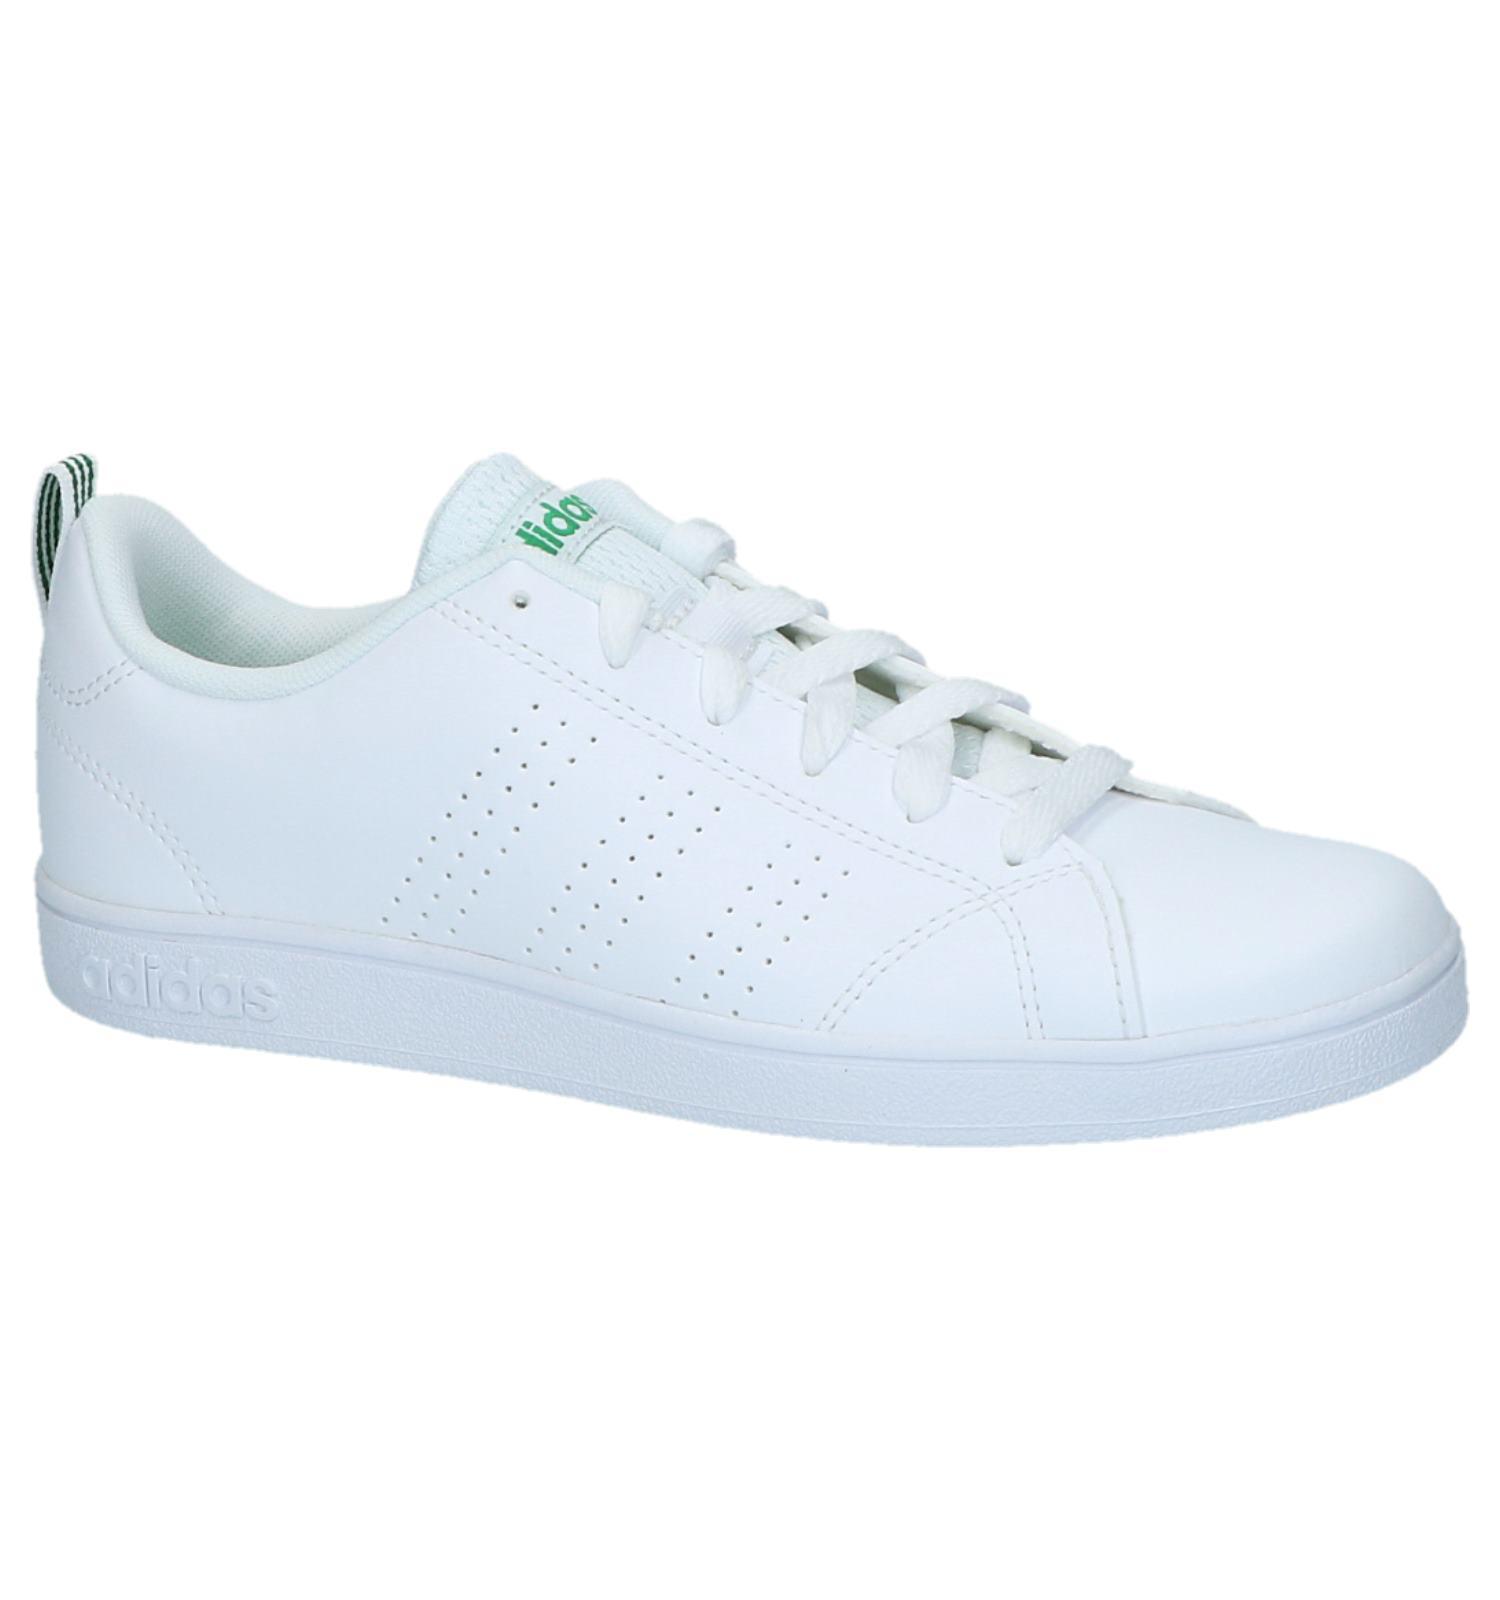 online retailer b5a48 baf3c Sneakers Wit adidas VS Advantage Clean  TORFS.BE  Gratis verzend en retour